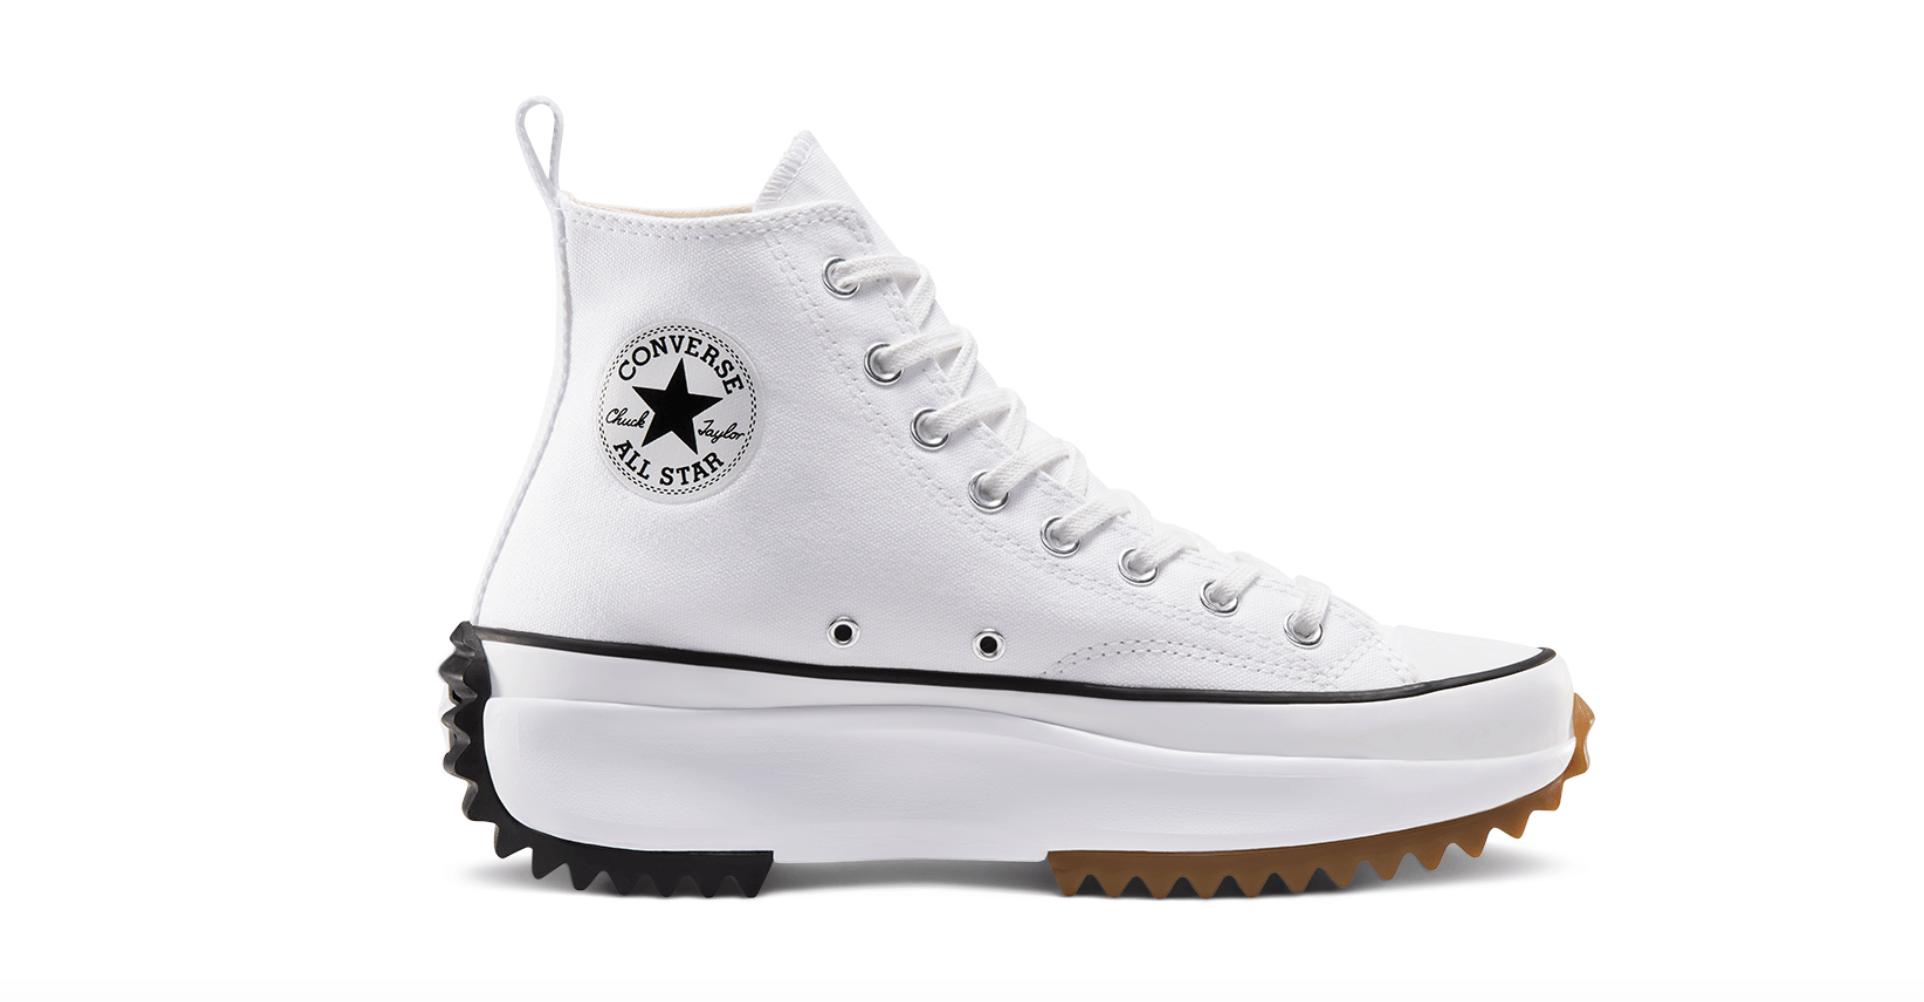 Converse Run Star High